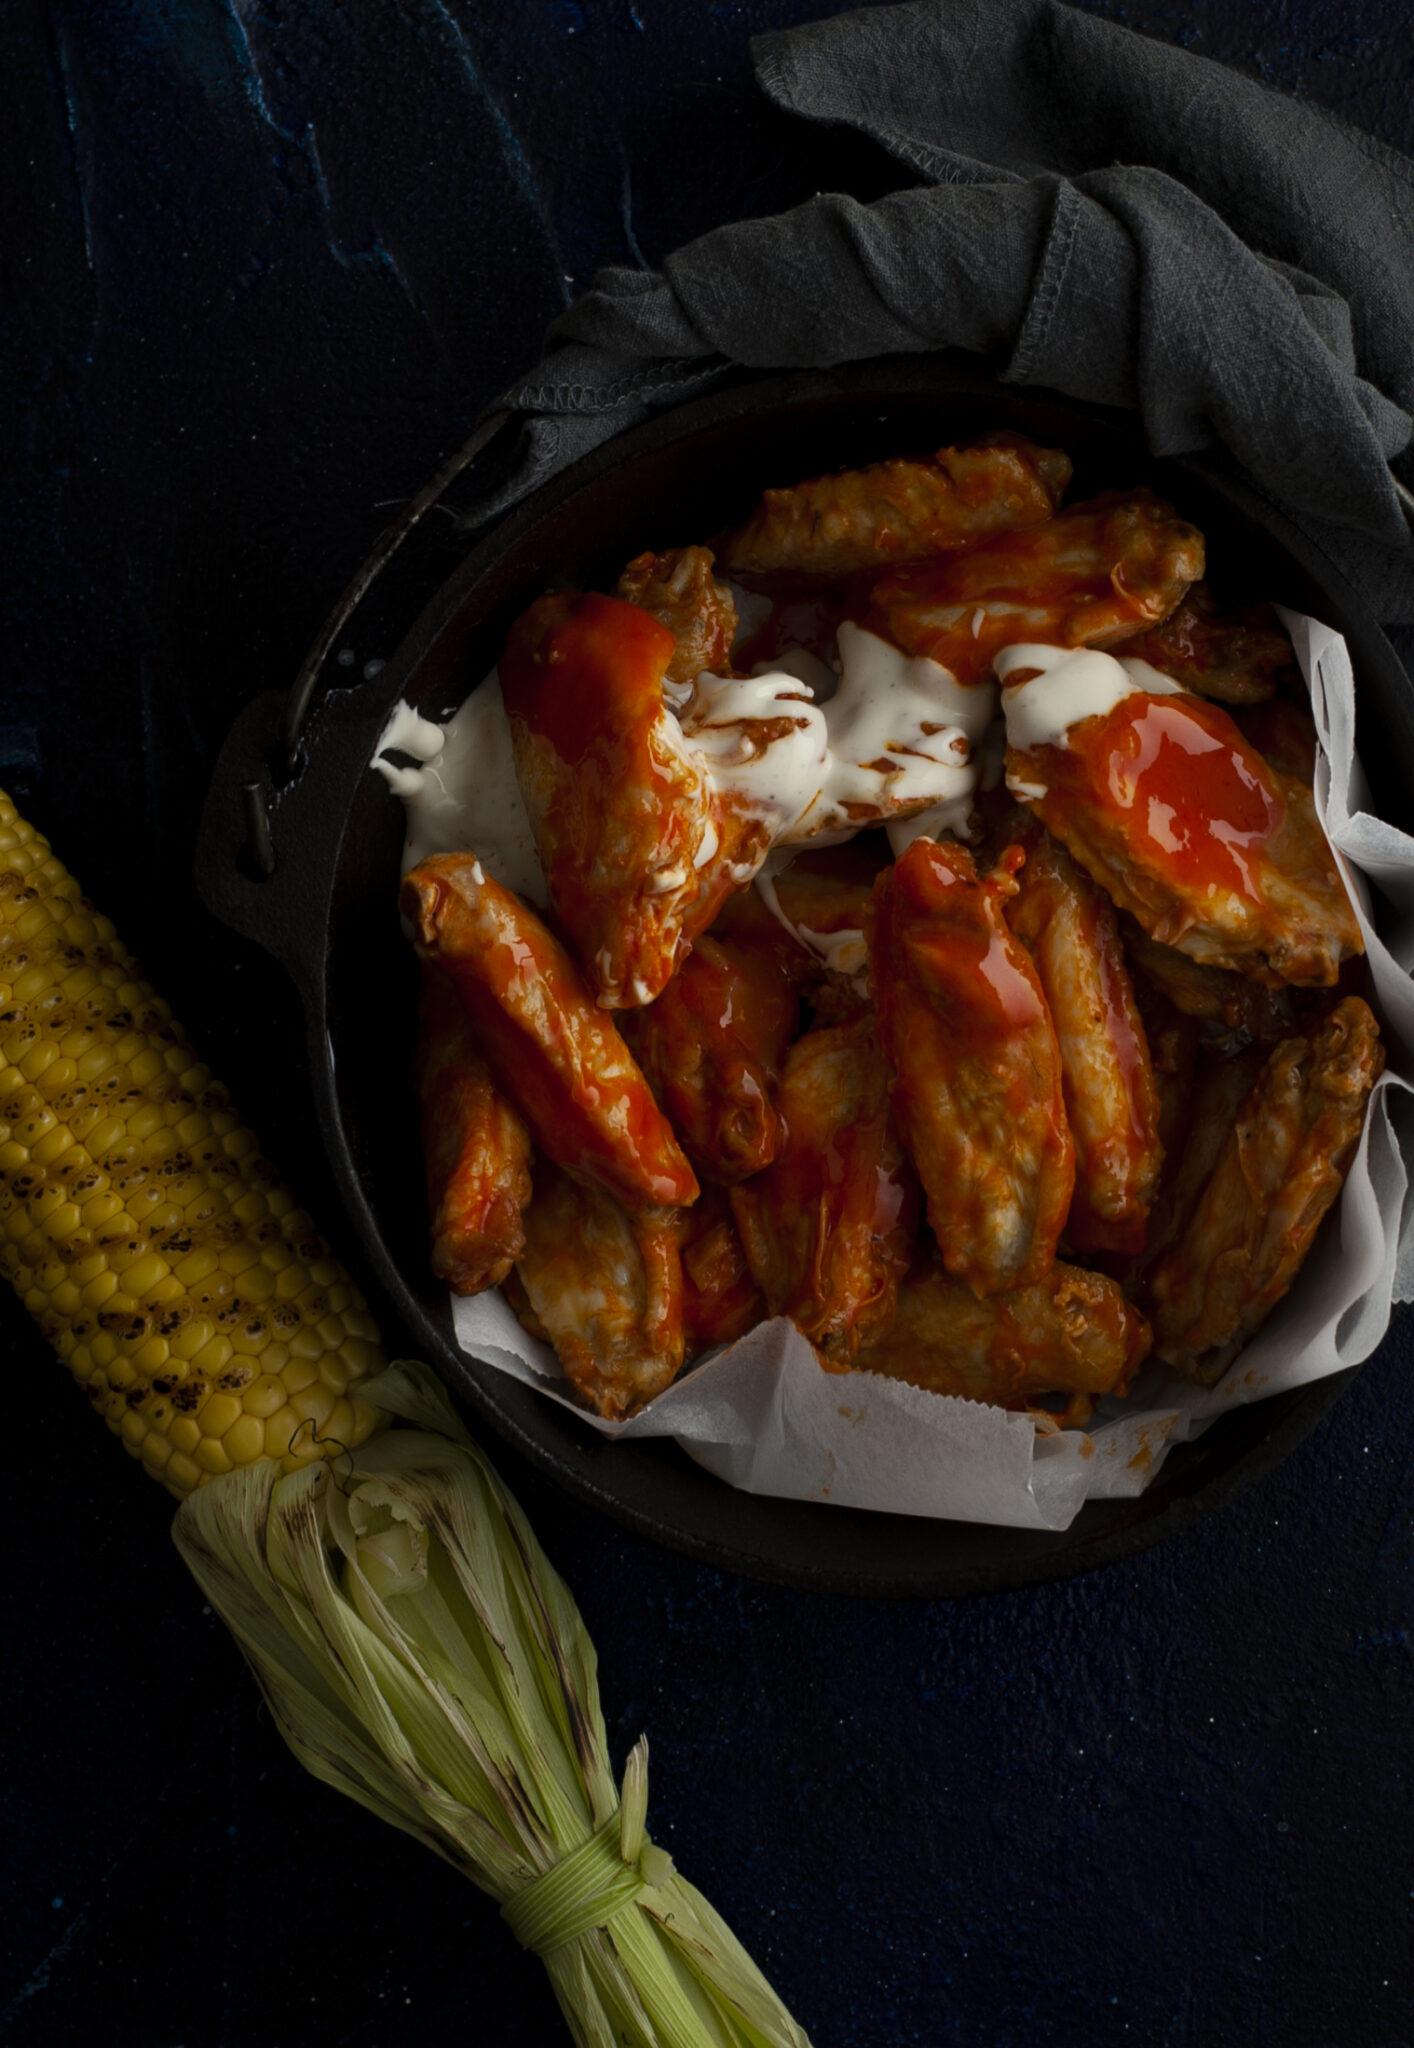 donkere foodfoto van gietijzeren pan met chcikenwings en maiskolf met grillstrepen